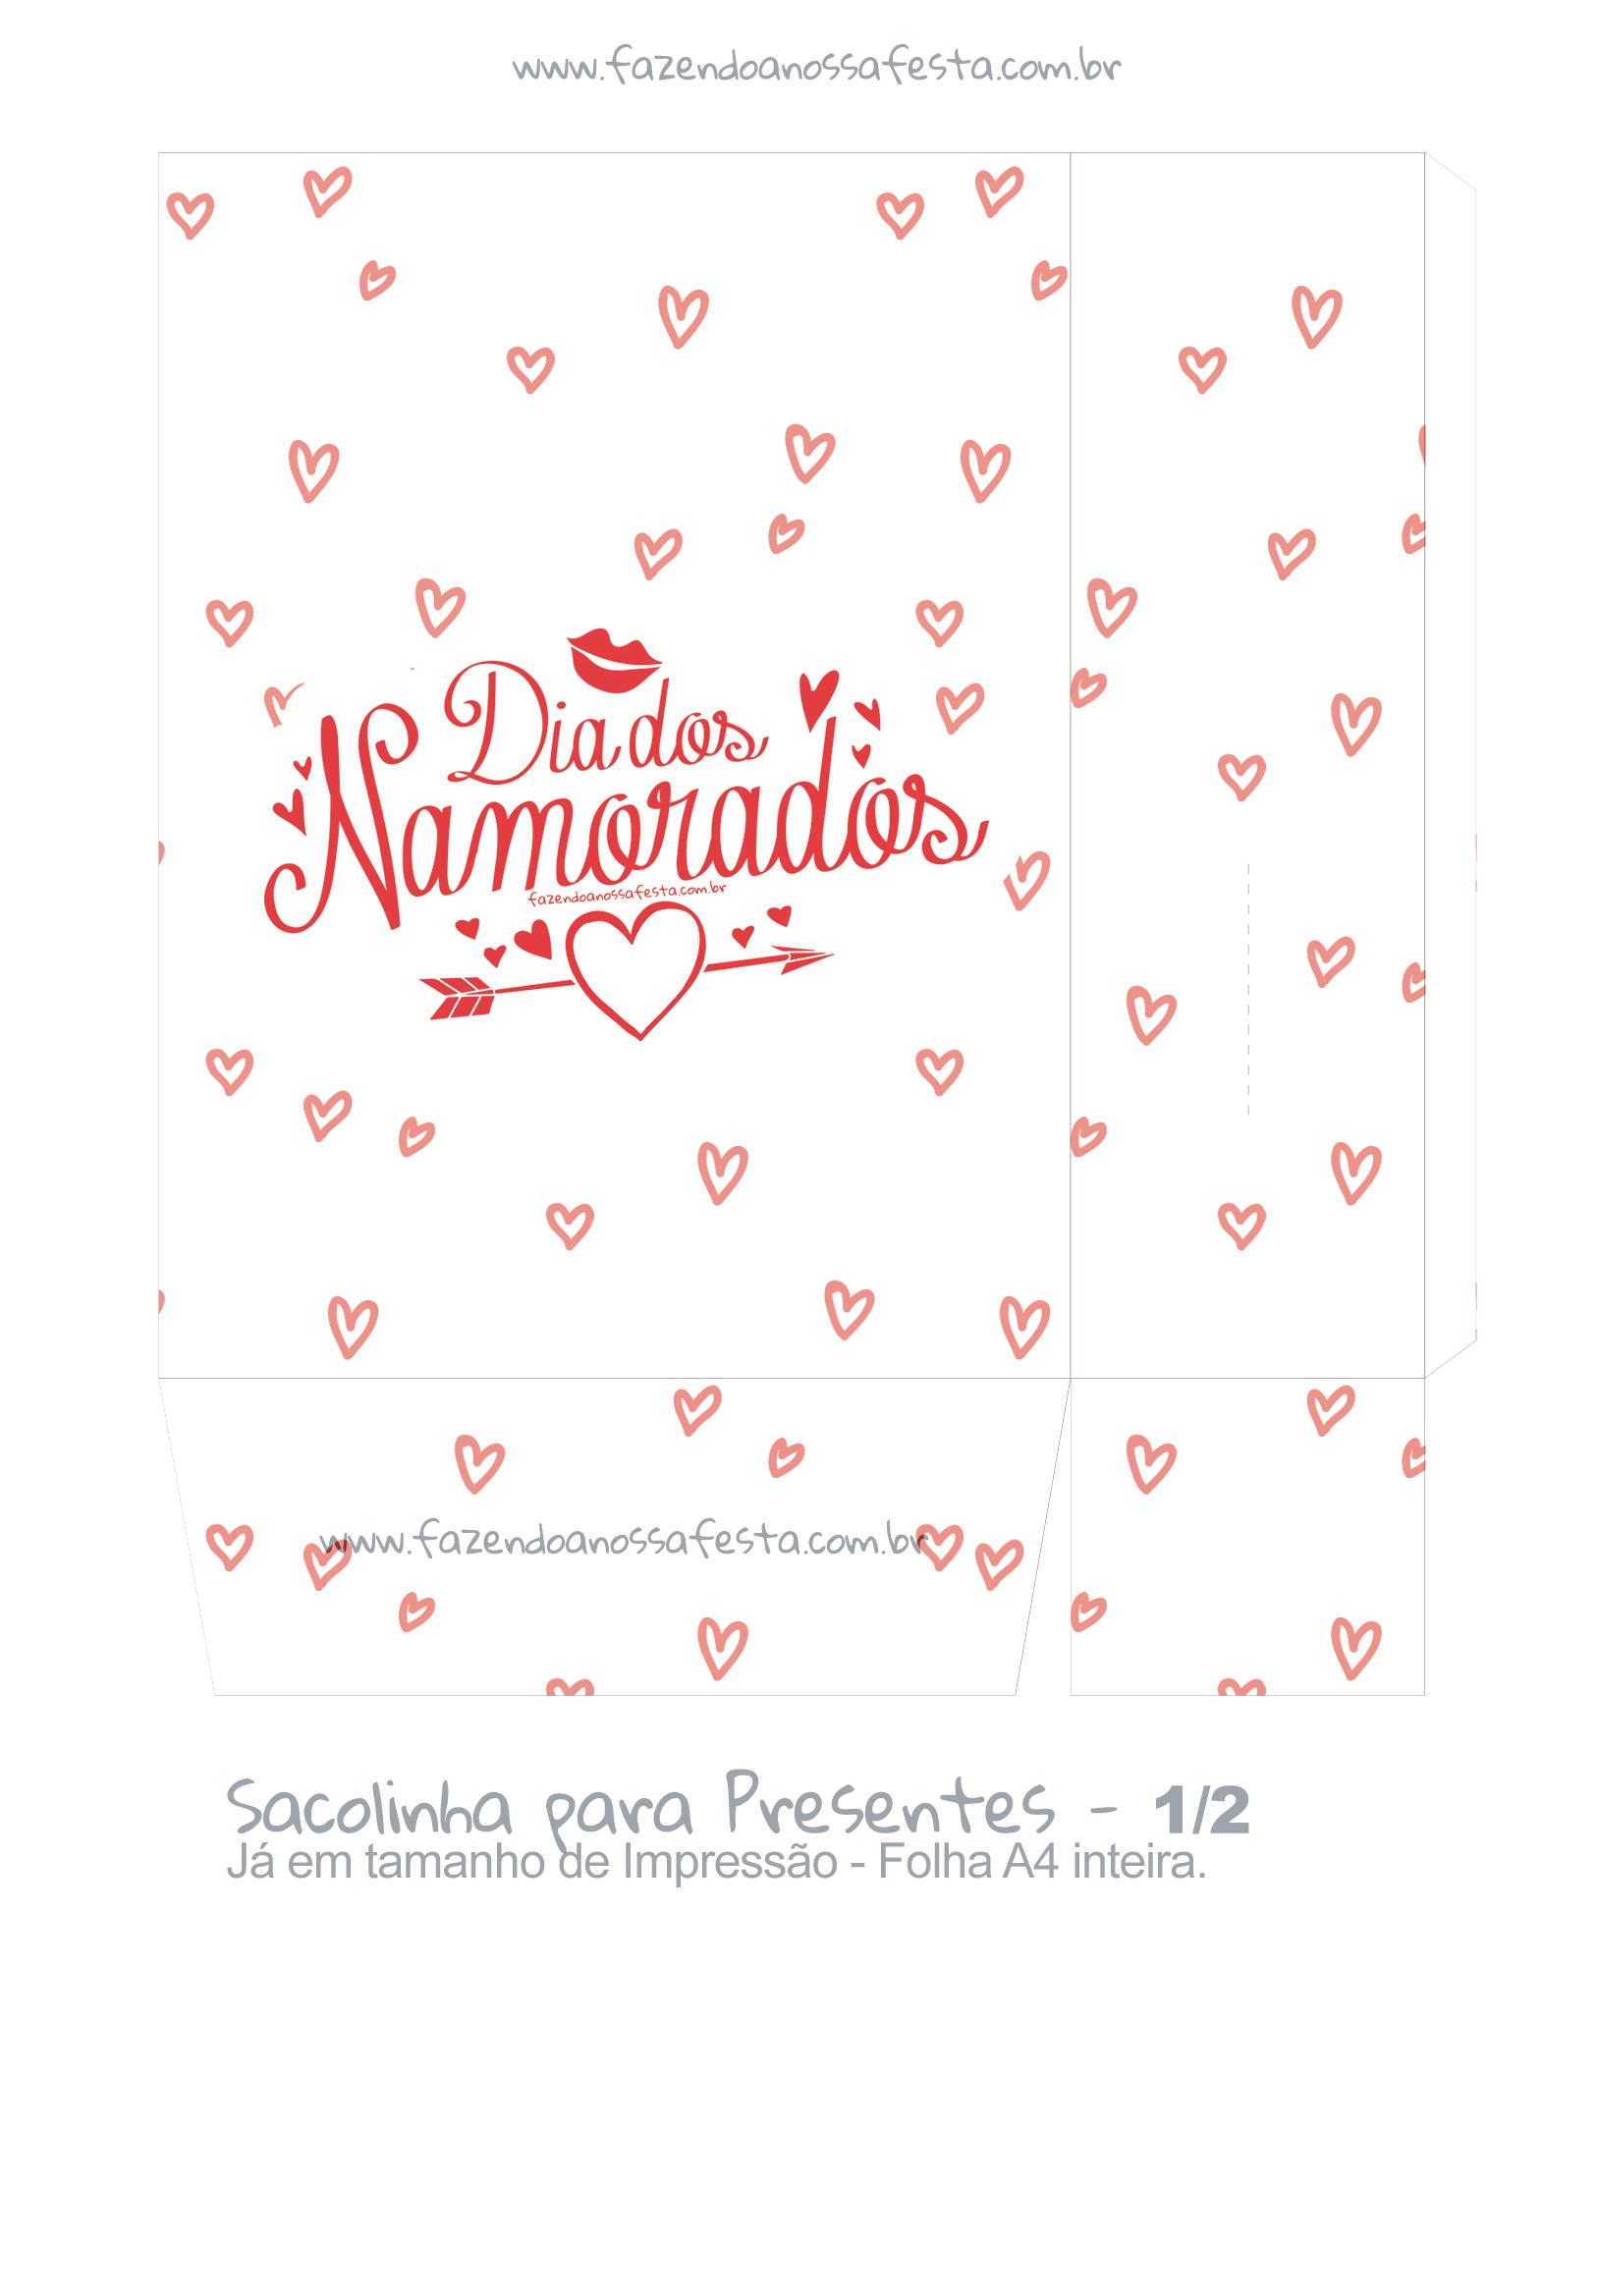 Sacolinha Surpresa Dia dos Namorados - parte 2